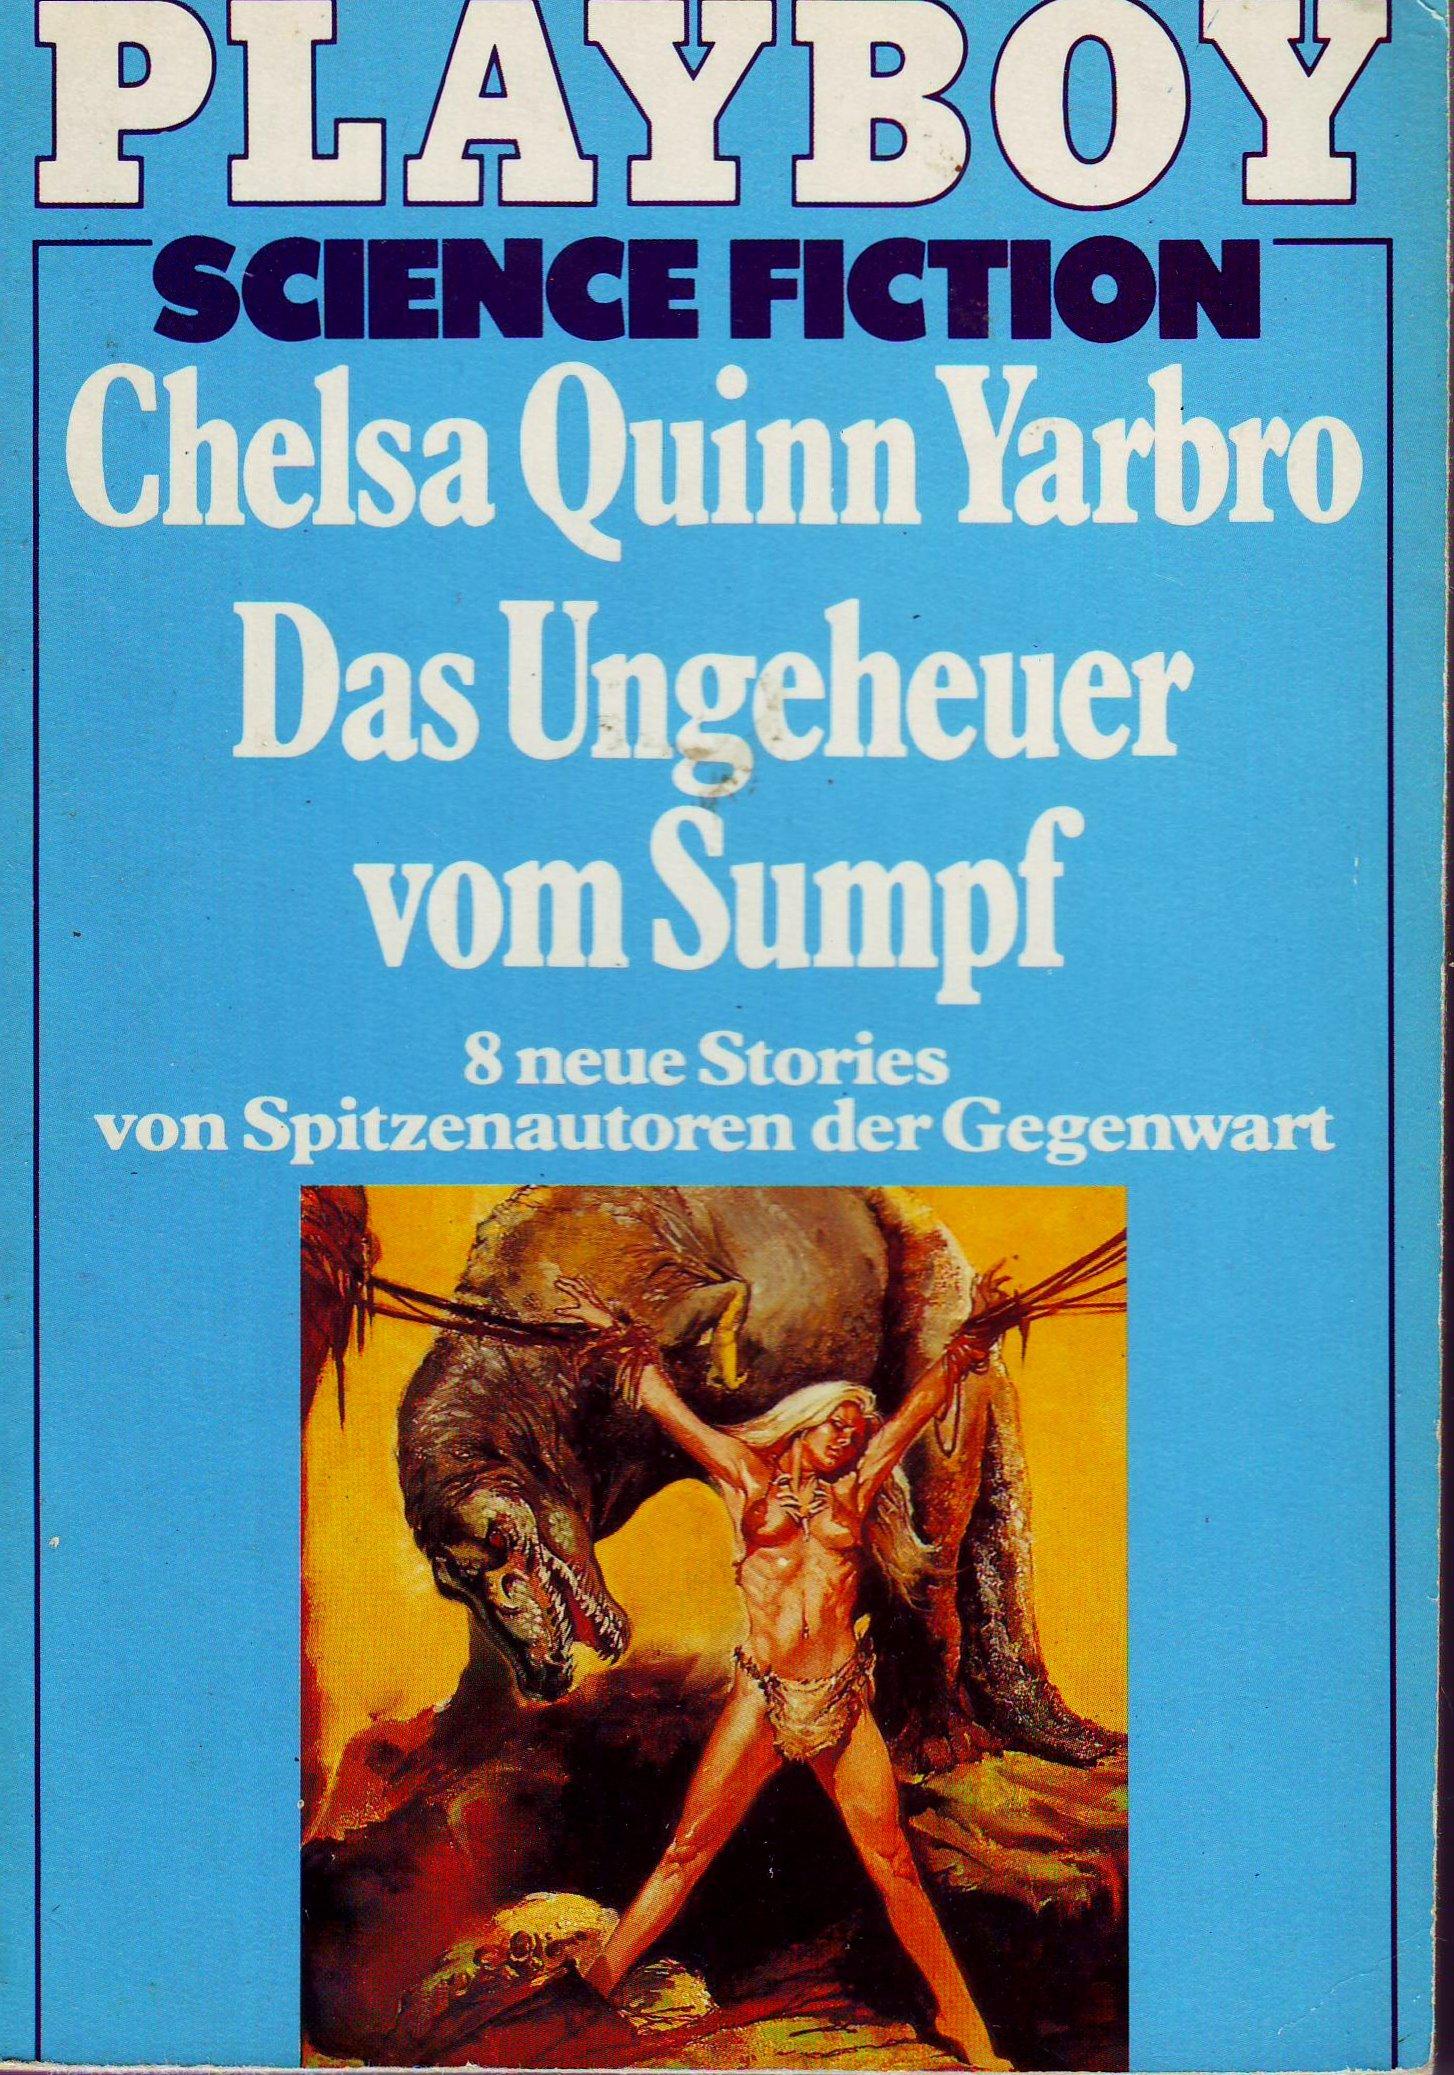 Chelsea Quinn Yarbro - Das Ungeheuer vom Sumpf. 8 neue Stories von Spitzenautoren der Gegenwart